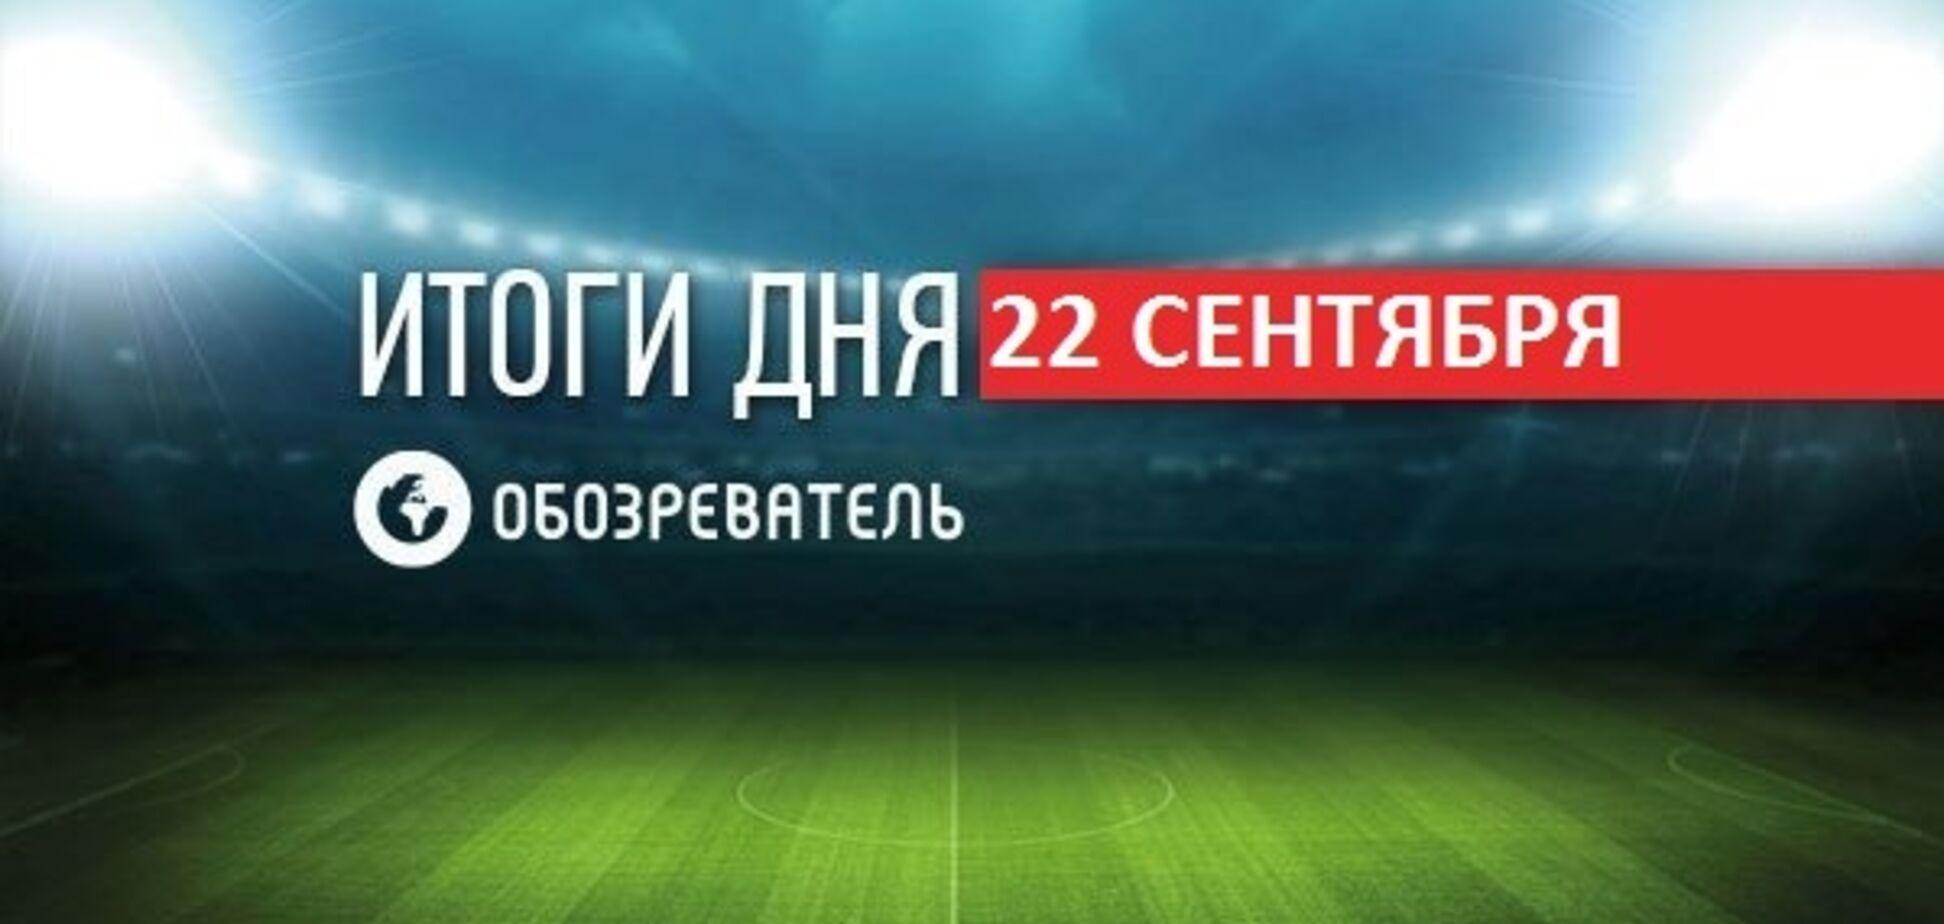 Ярмоленко забил победный гол в ворота МЮ: спортивные итоги 22 сентября